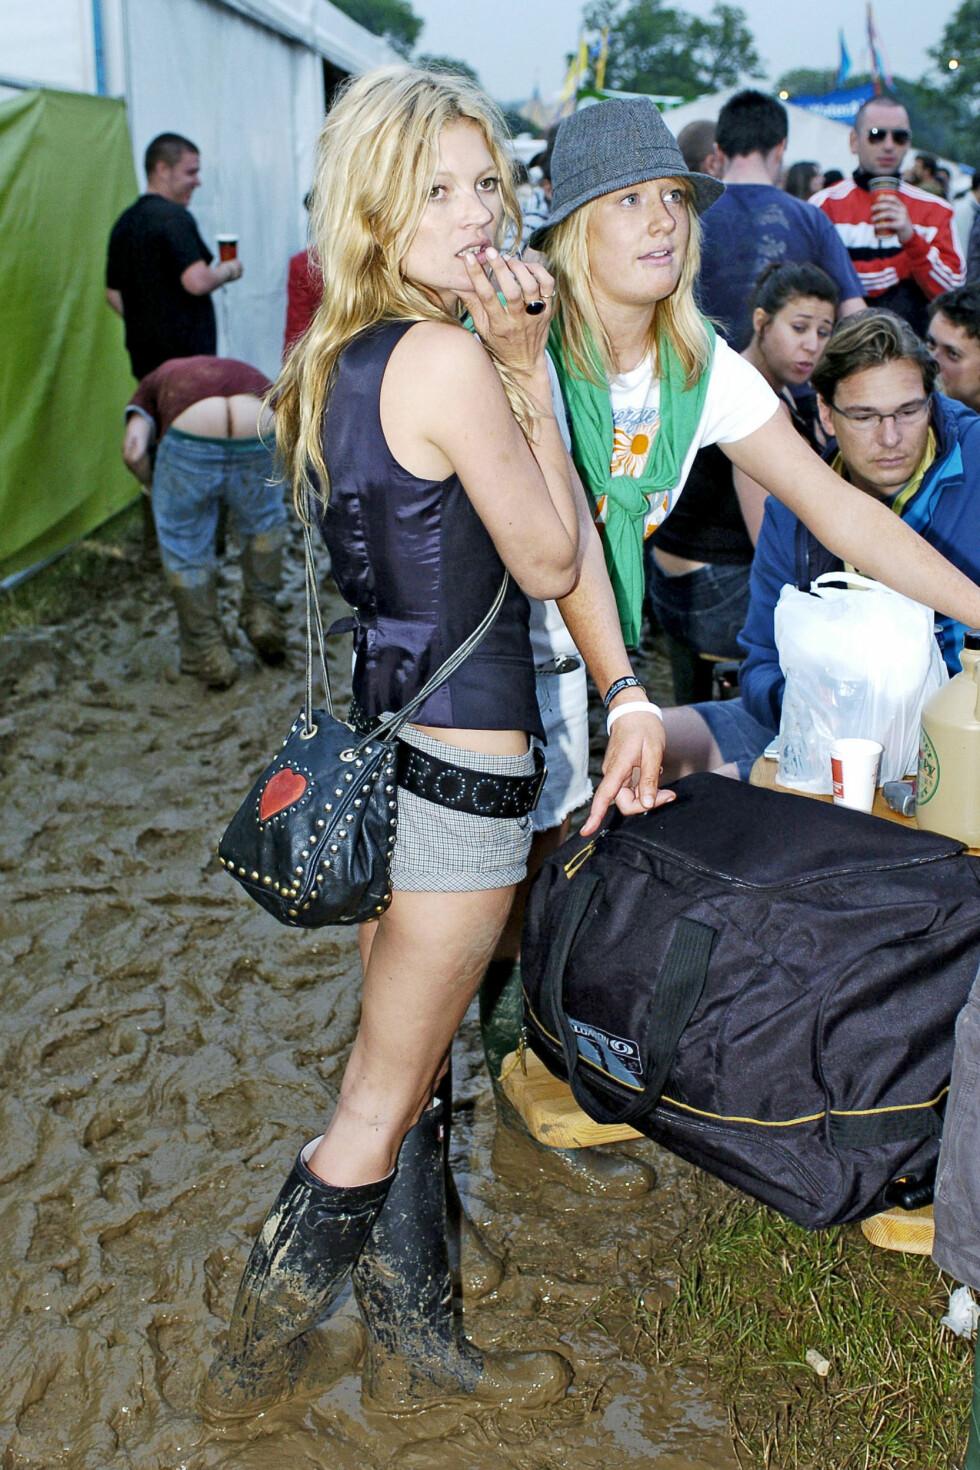 Det var her støvel-eventyret startet. Kate Moss i rocka liten shorts, svart vest og høye svarte Hunter-støvler godt plassert oppi gjørma. Foto: All Over Press